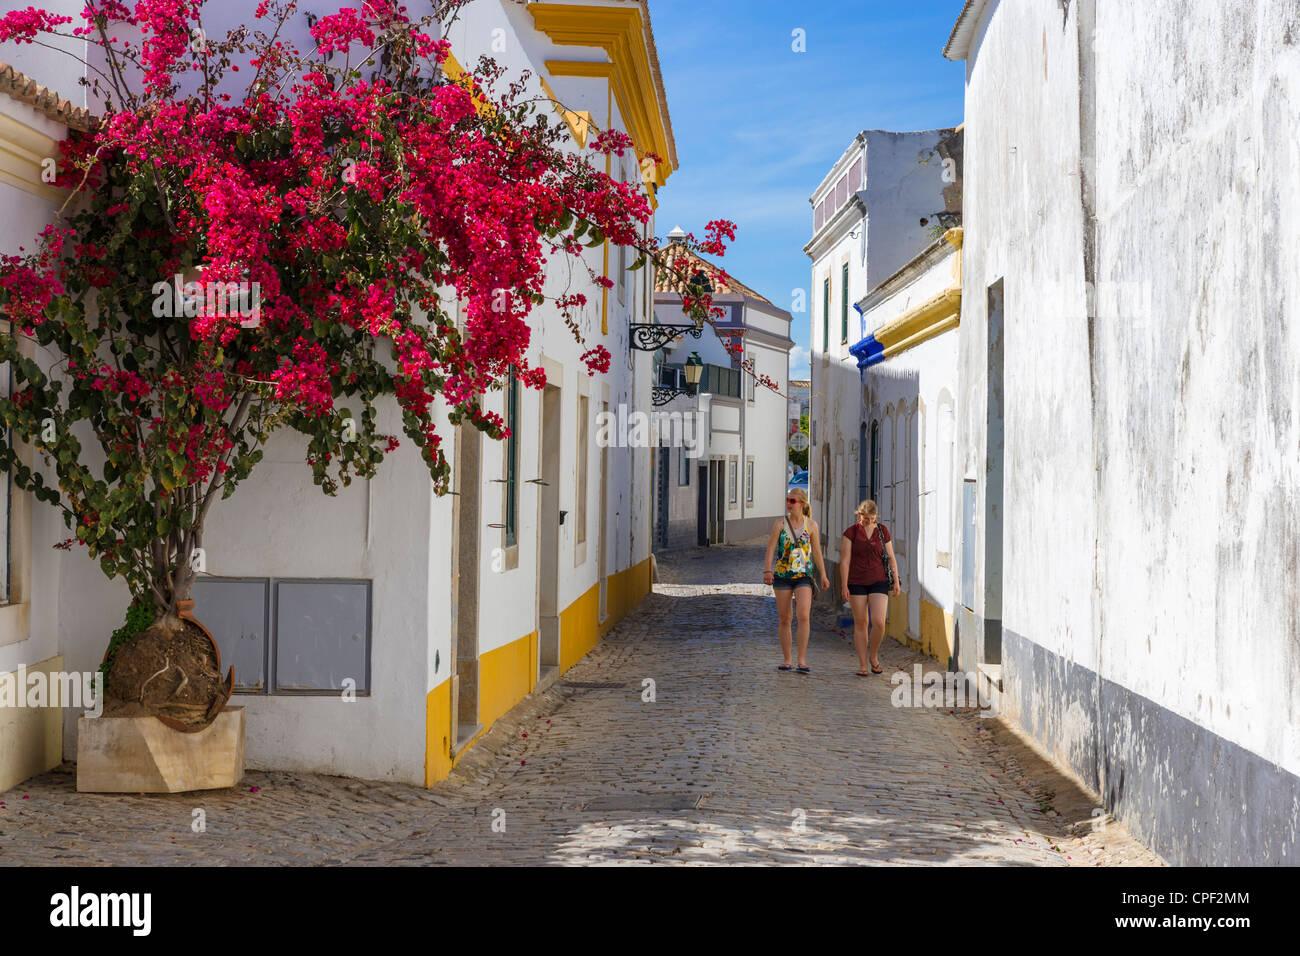 Street in the Old Town (Cidade Velha or Vila Adentro), Faro, Algarve, Portugal - Stock Image